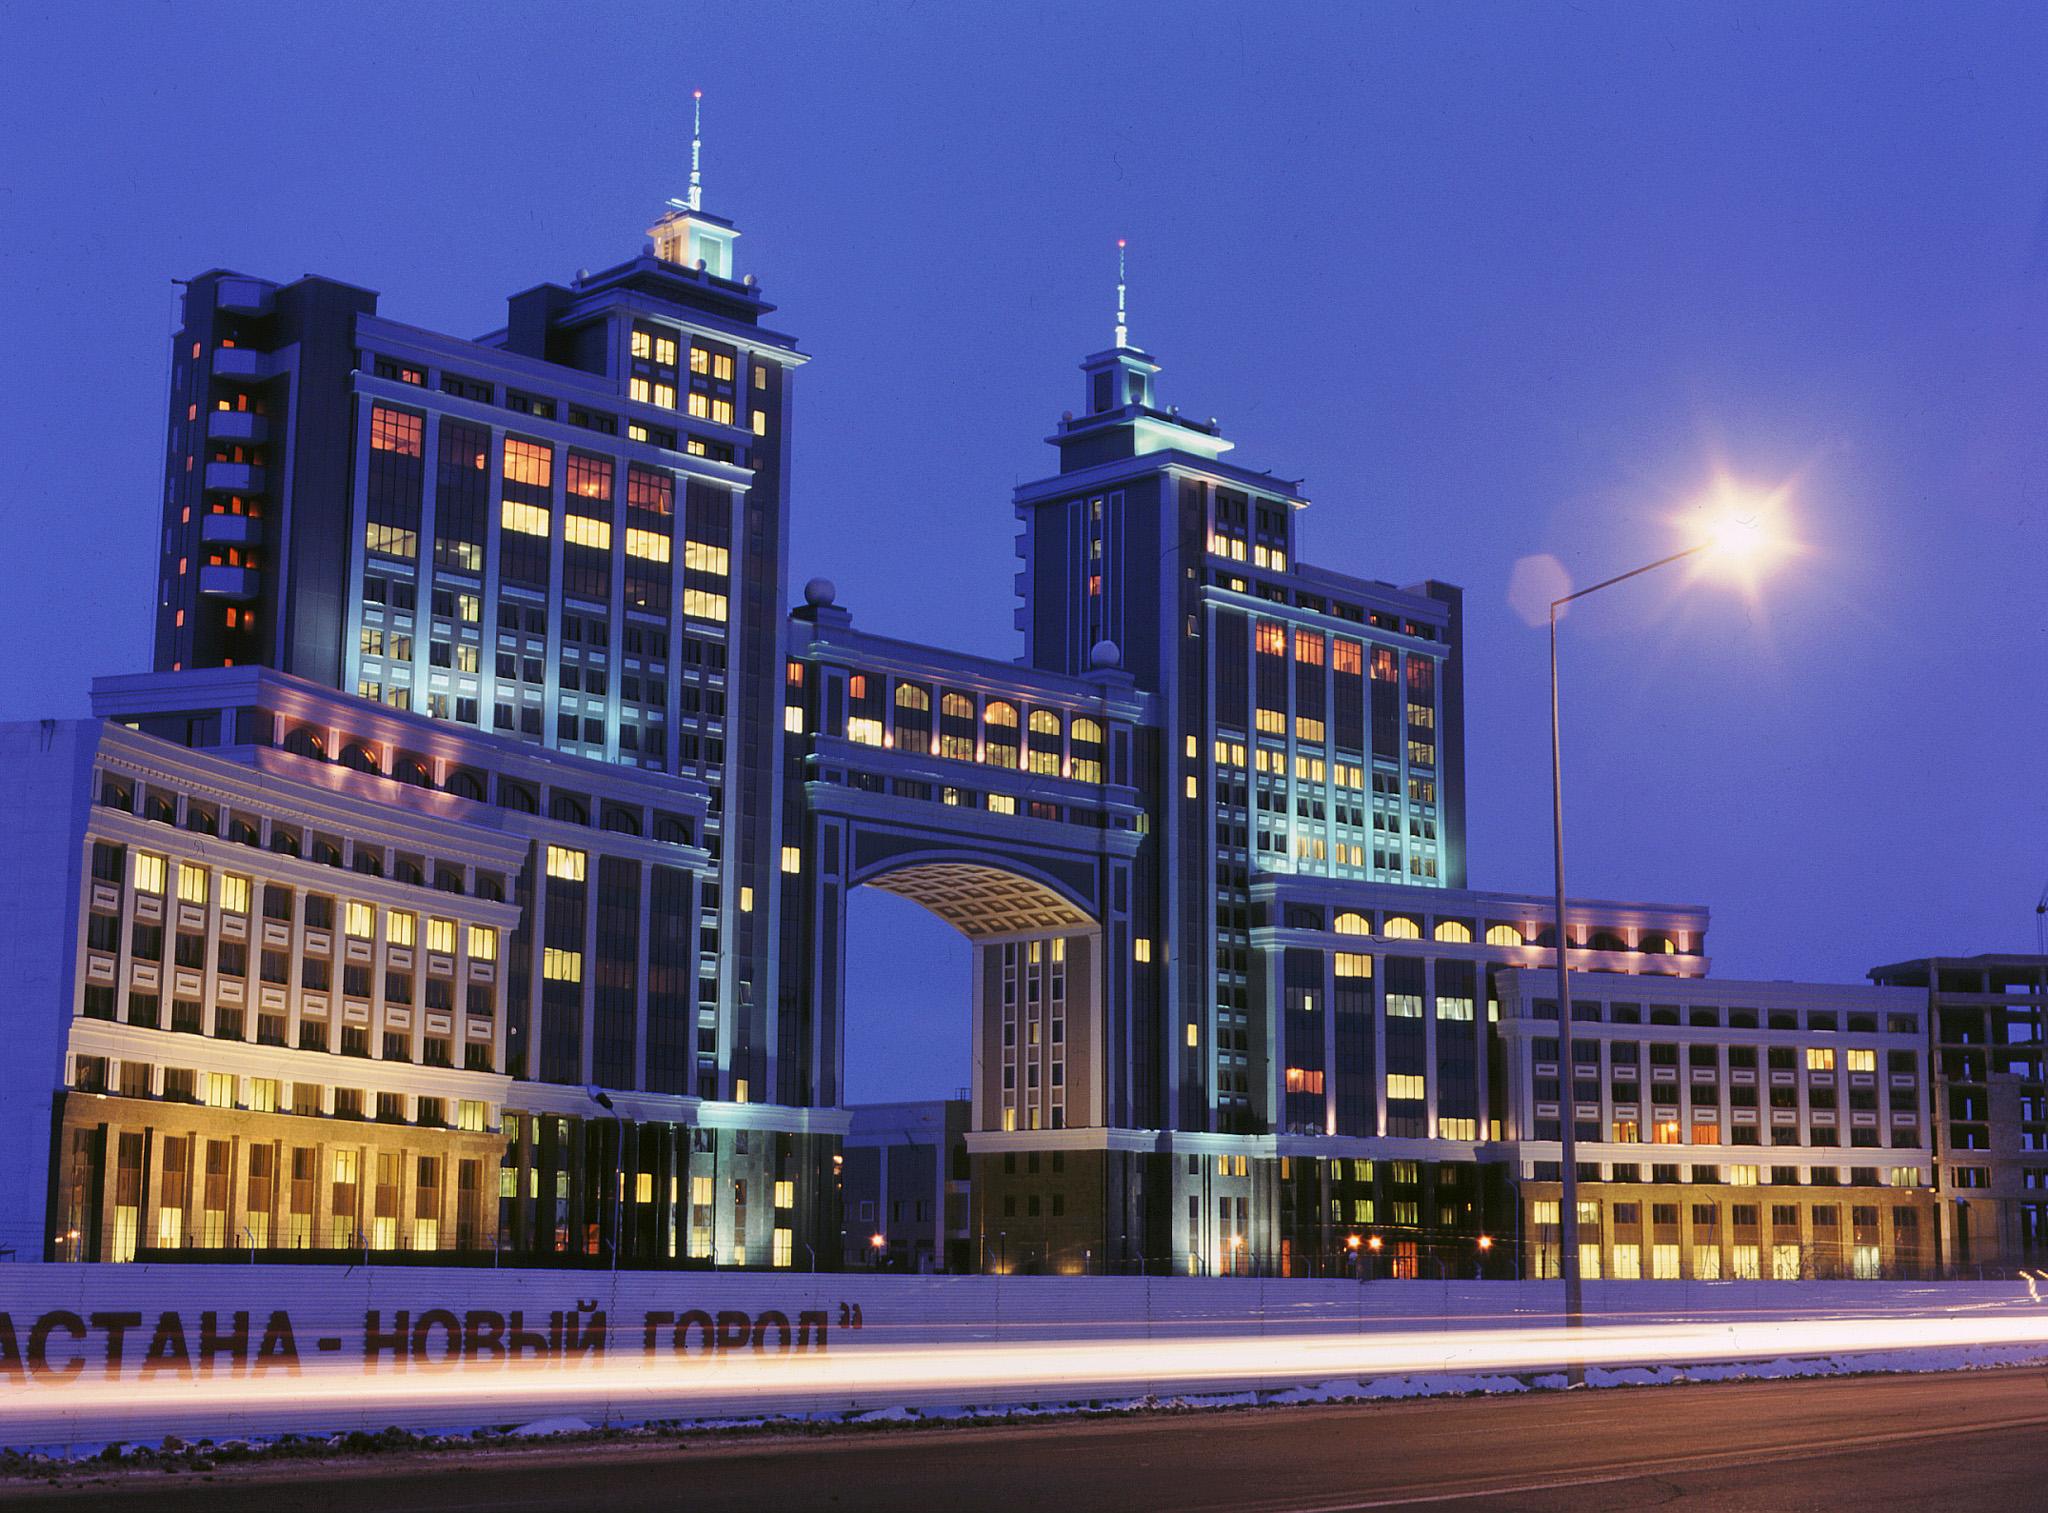 Депутаты маслихата Астаны предлагают написание нового названия столицы Казахстана через дефис – Нур-Султан